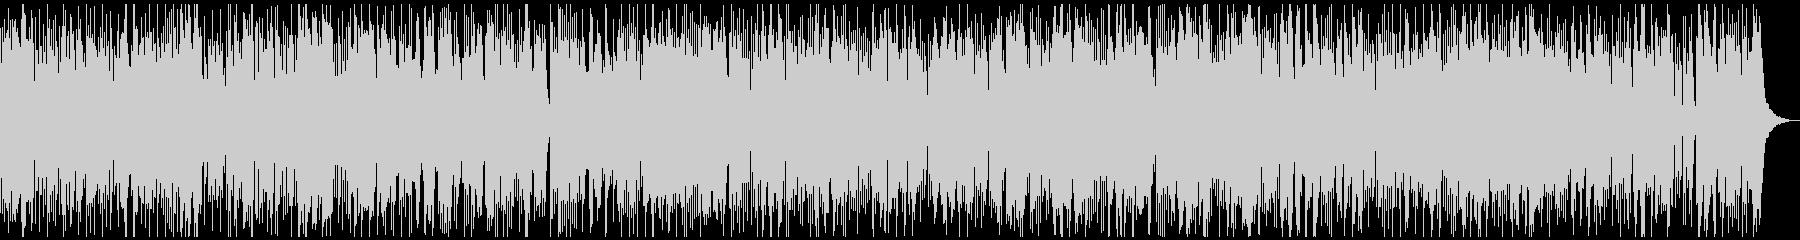 テンションの均一なテクノ系のBGMです。の未再生の波形